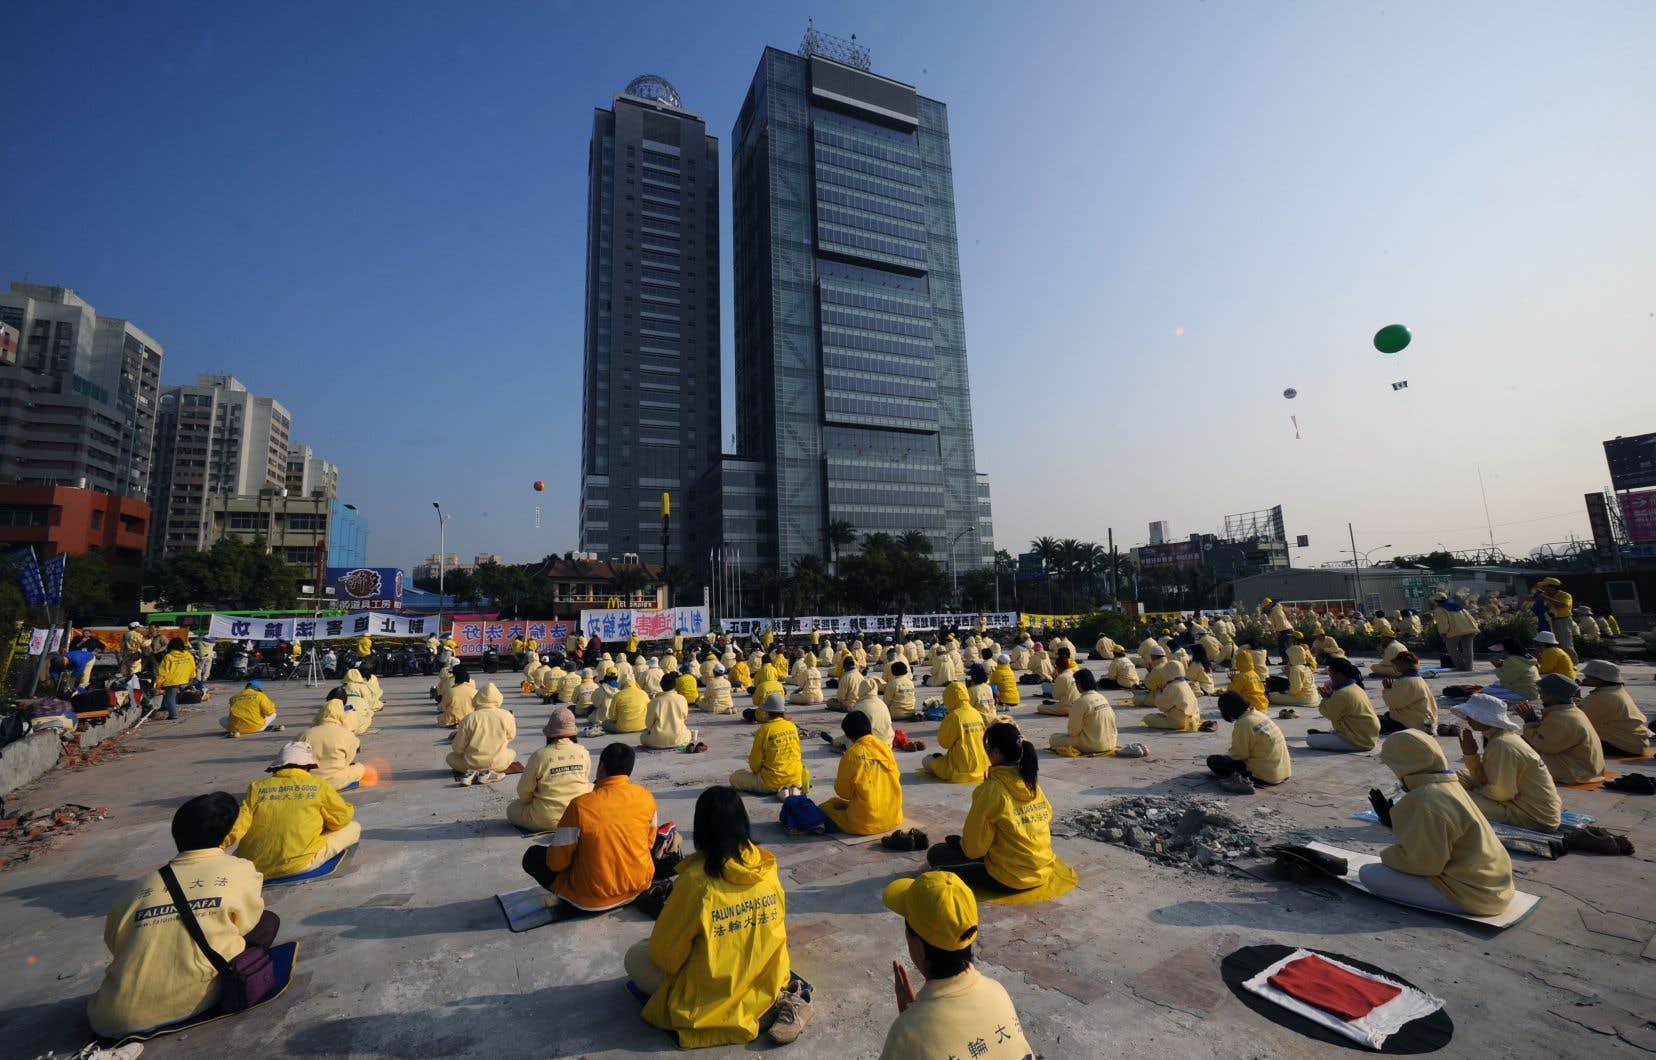 Le mouvement a proliféré dans de nombreux pays, particulièrement auprès de la diaspora chinoise.